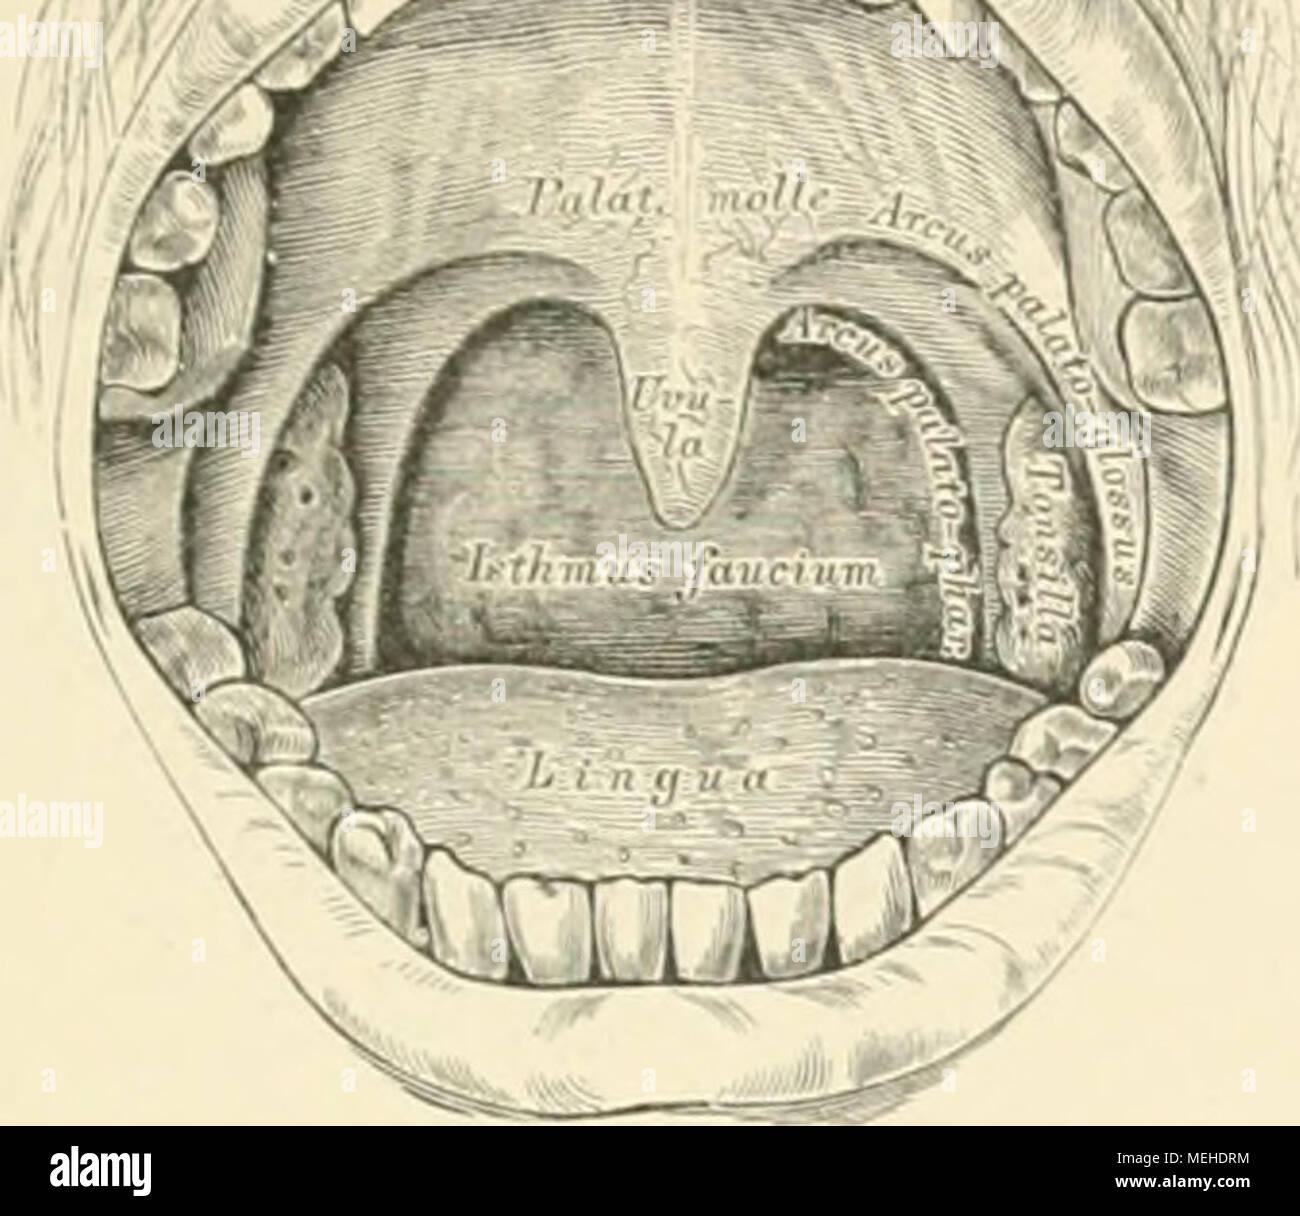 Berühmt Anatomie Des Mundes Fotos - Menschliche Anatomie Bilder ...